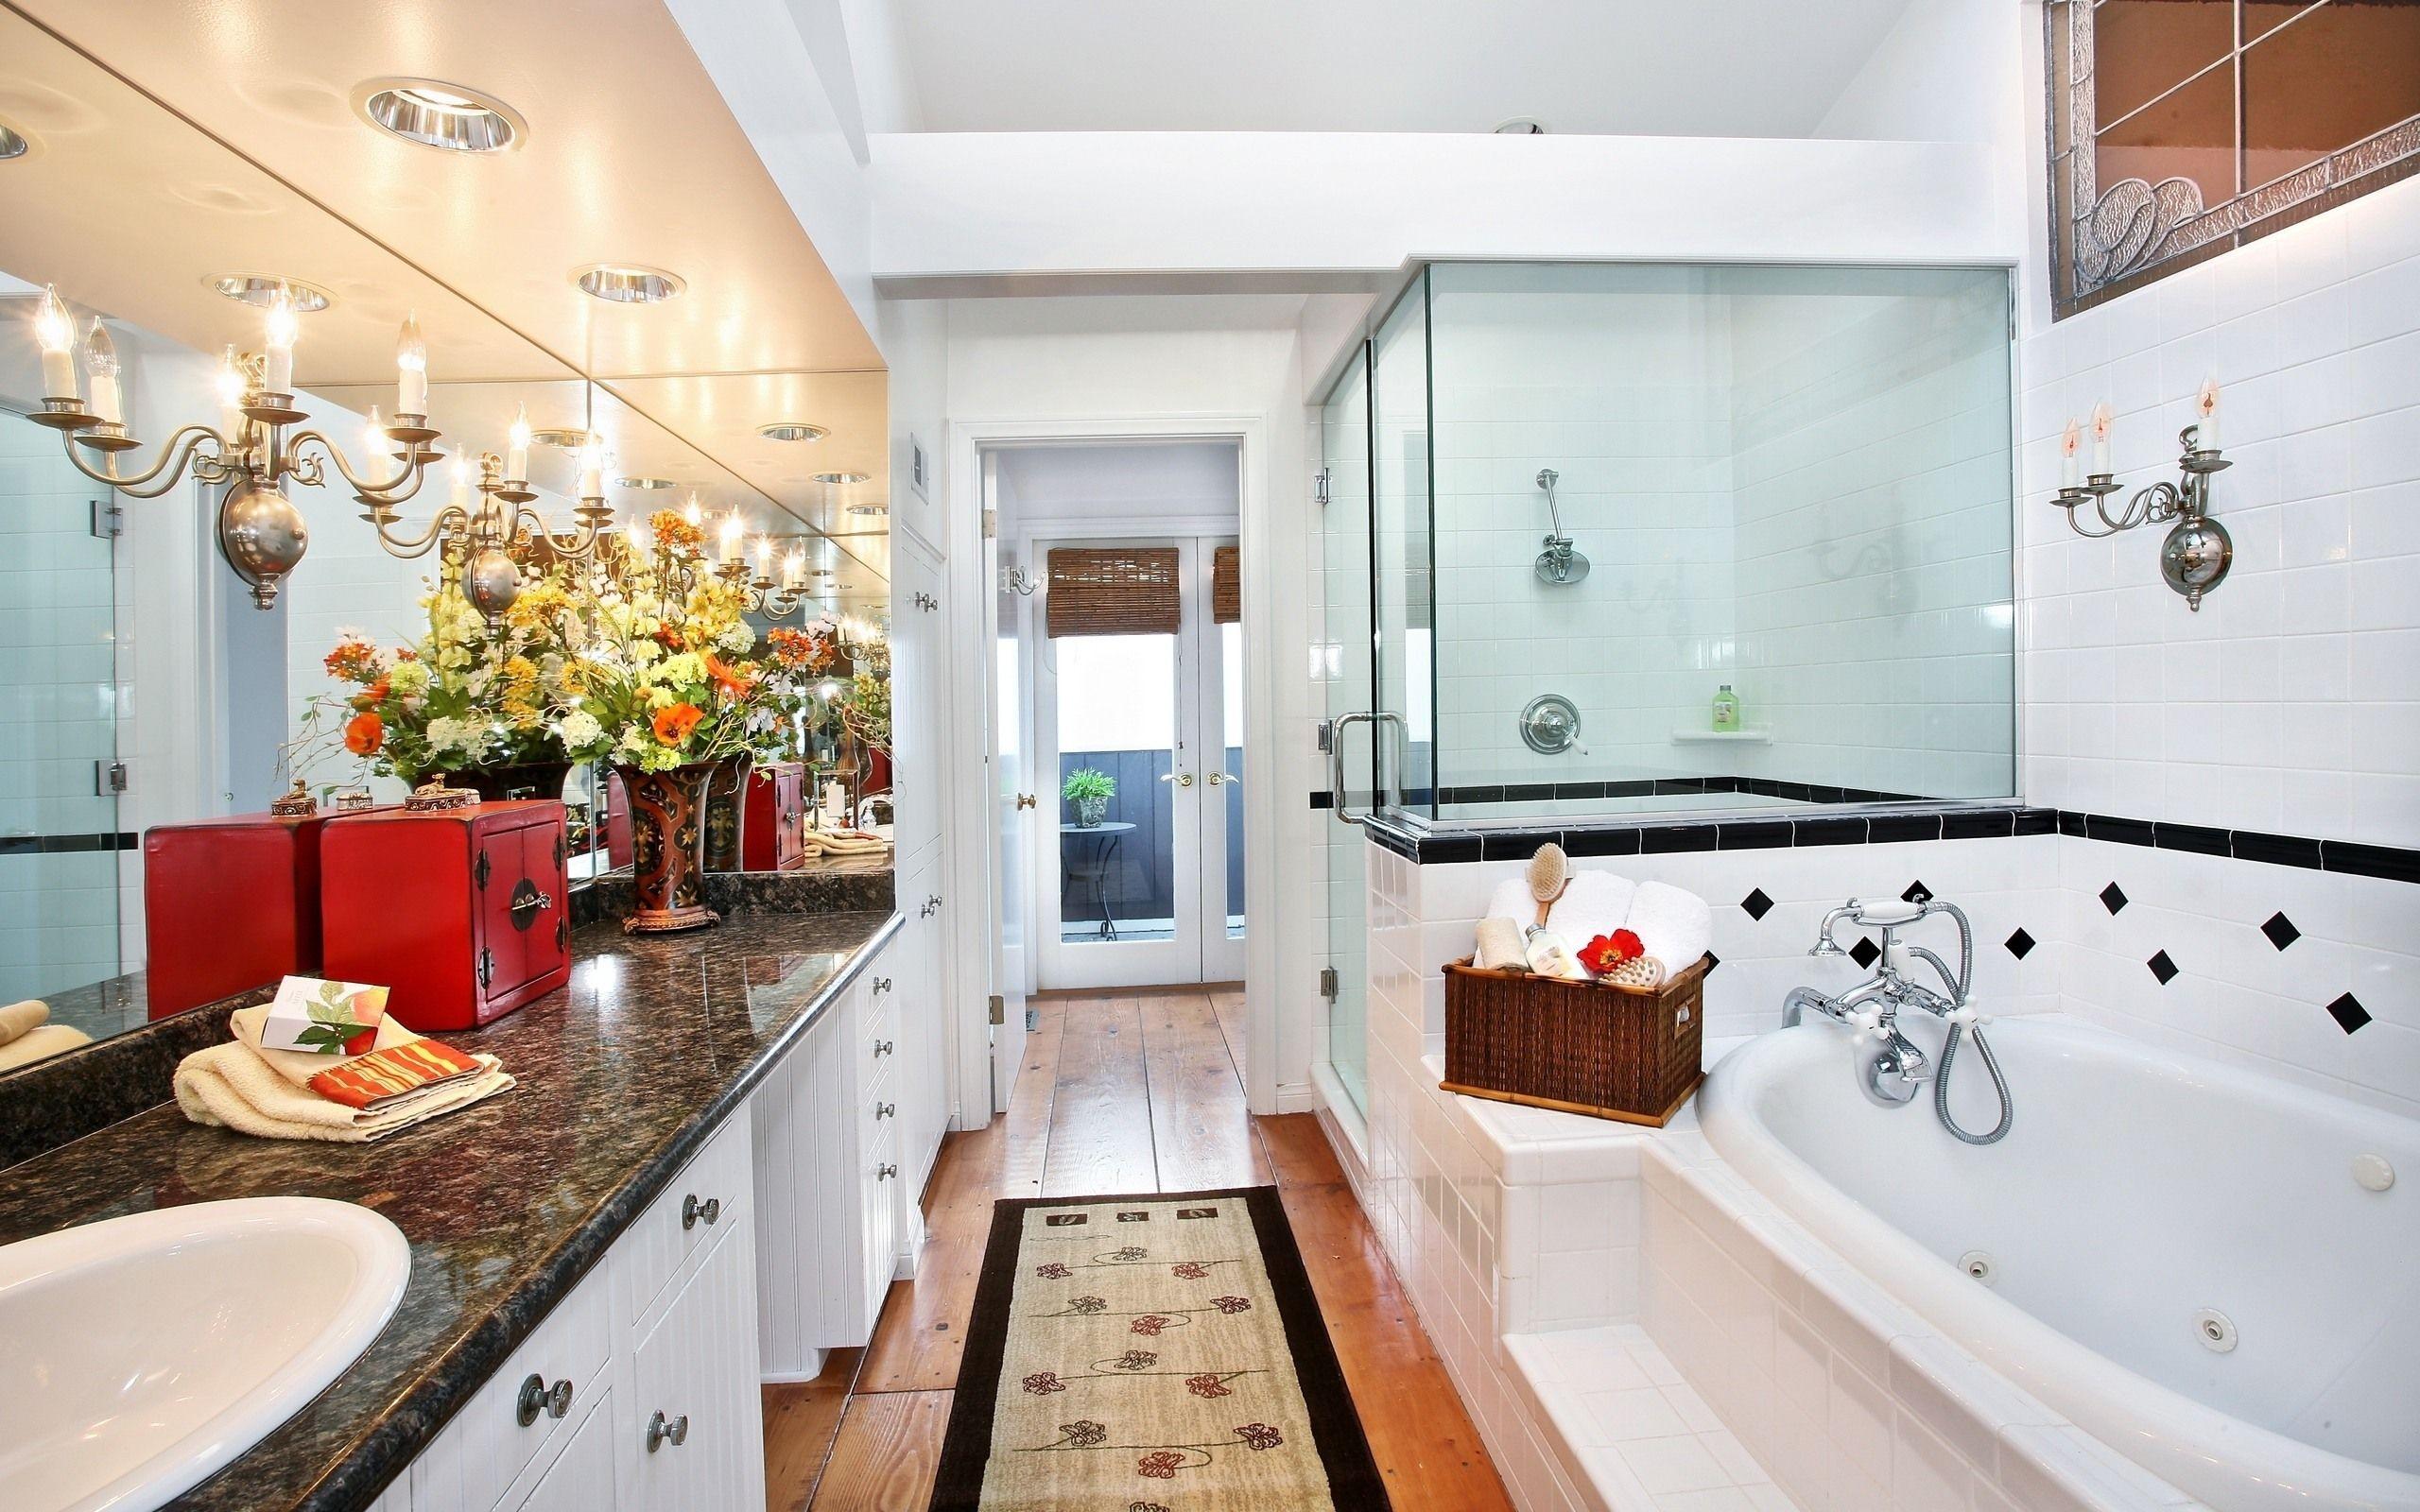 Diseño de baño y ducha - 2560x1600